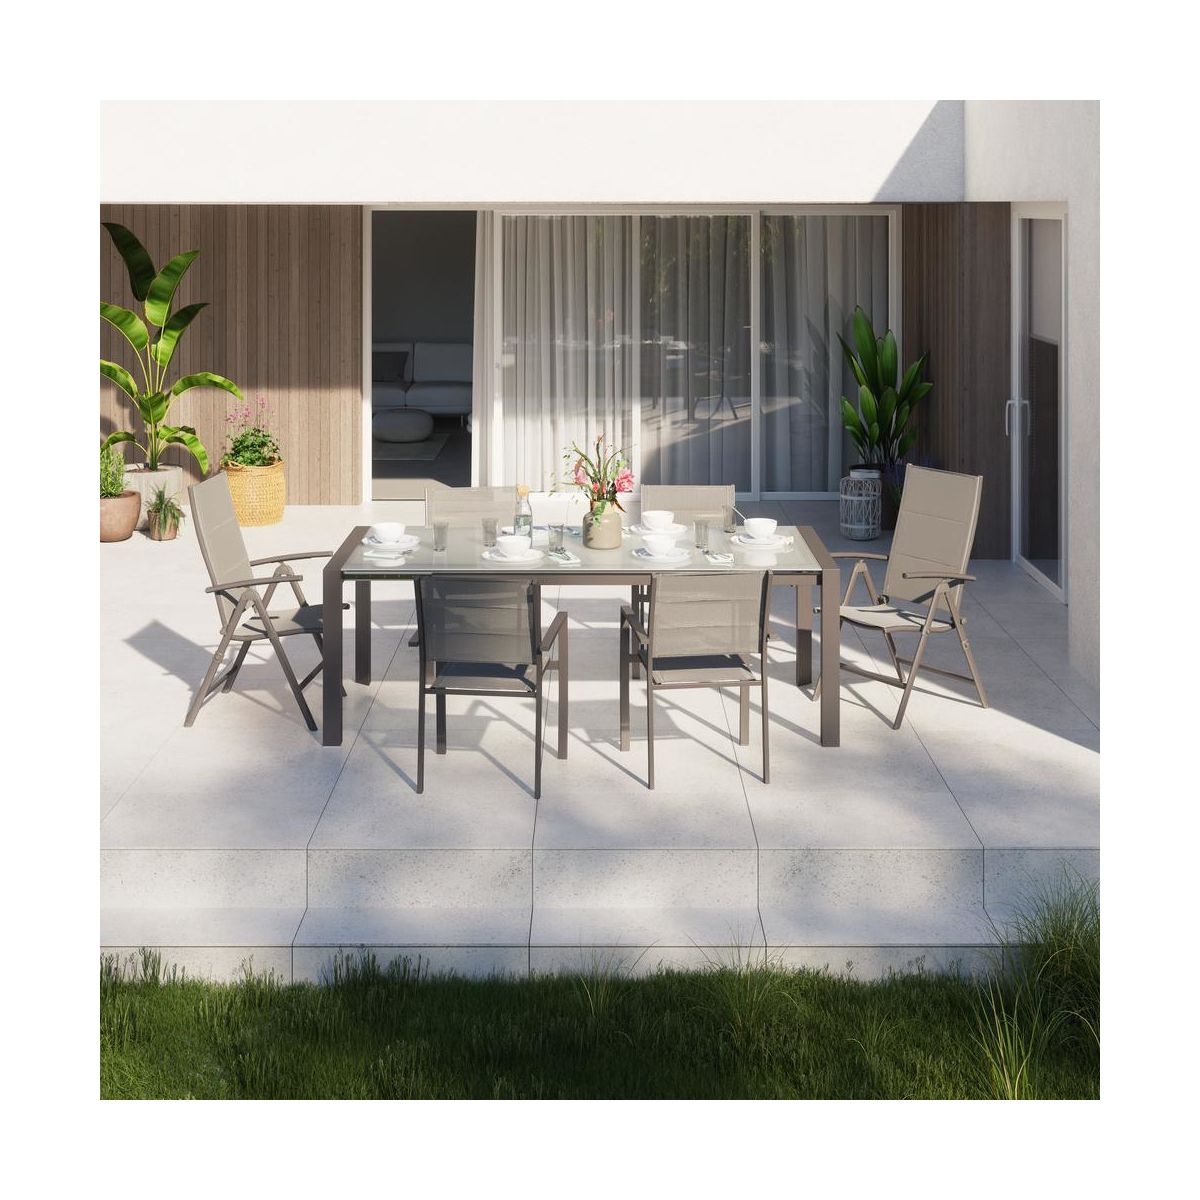 NATERIAL Krzesło ogrodowe ORION aluminiowe z ragulowanym oparciem NATERIAL